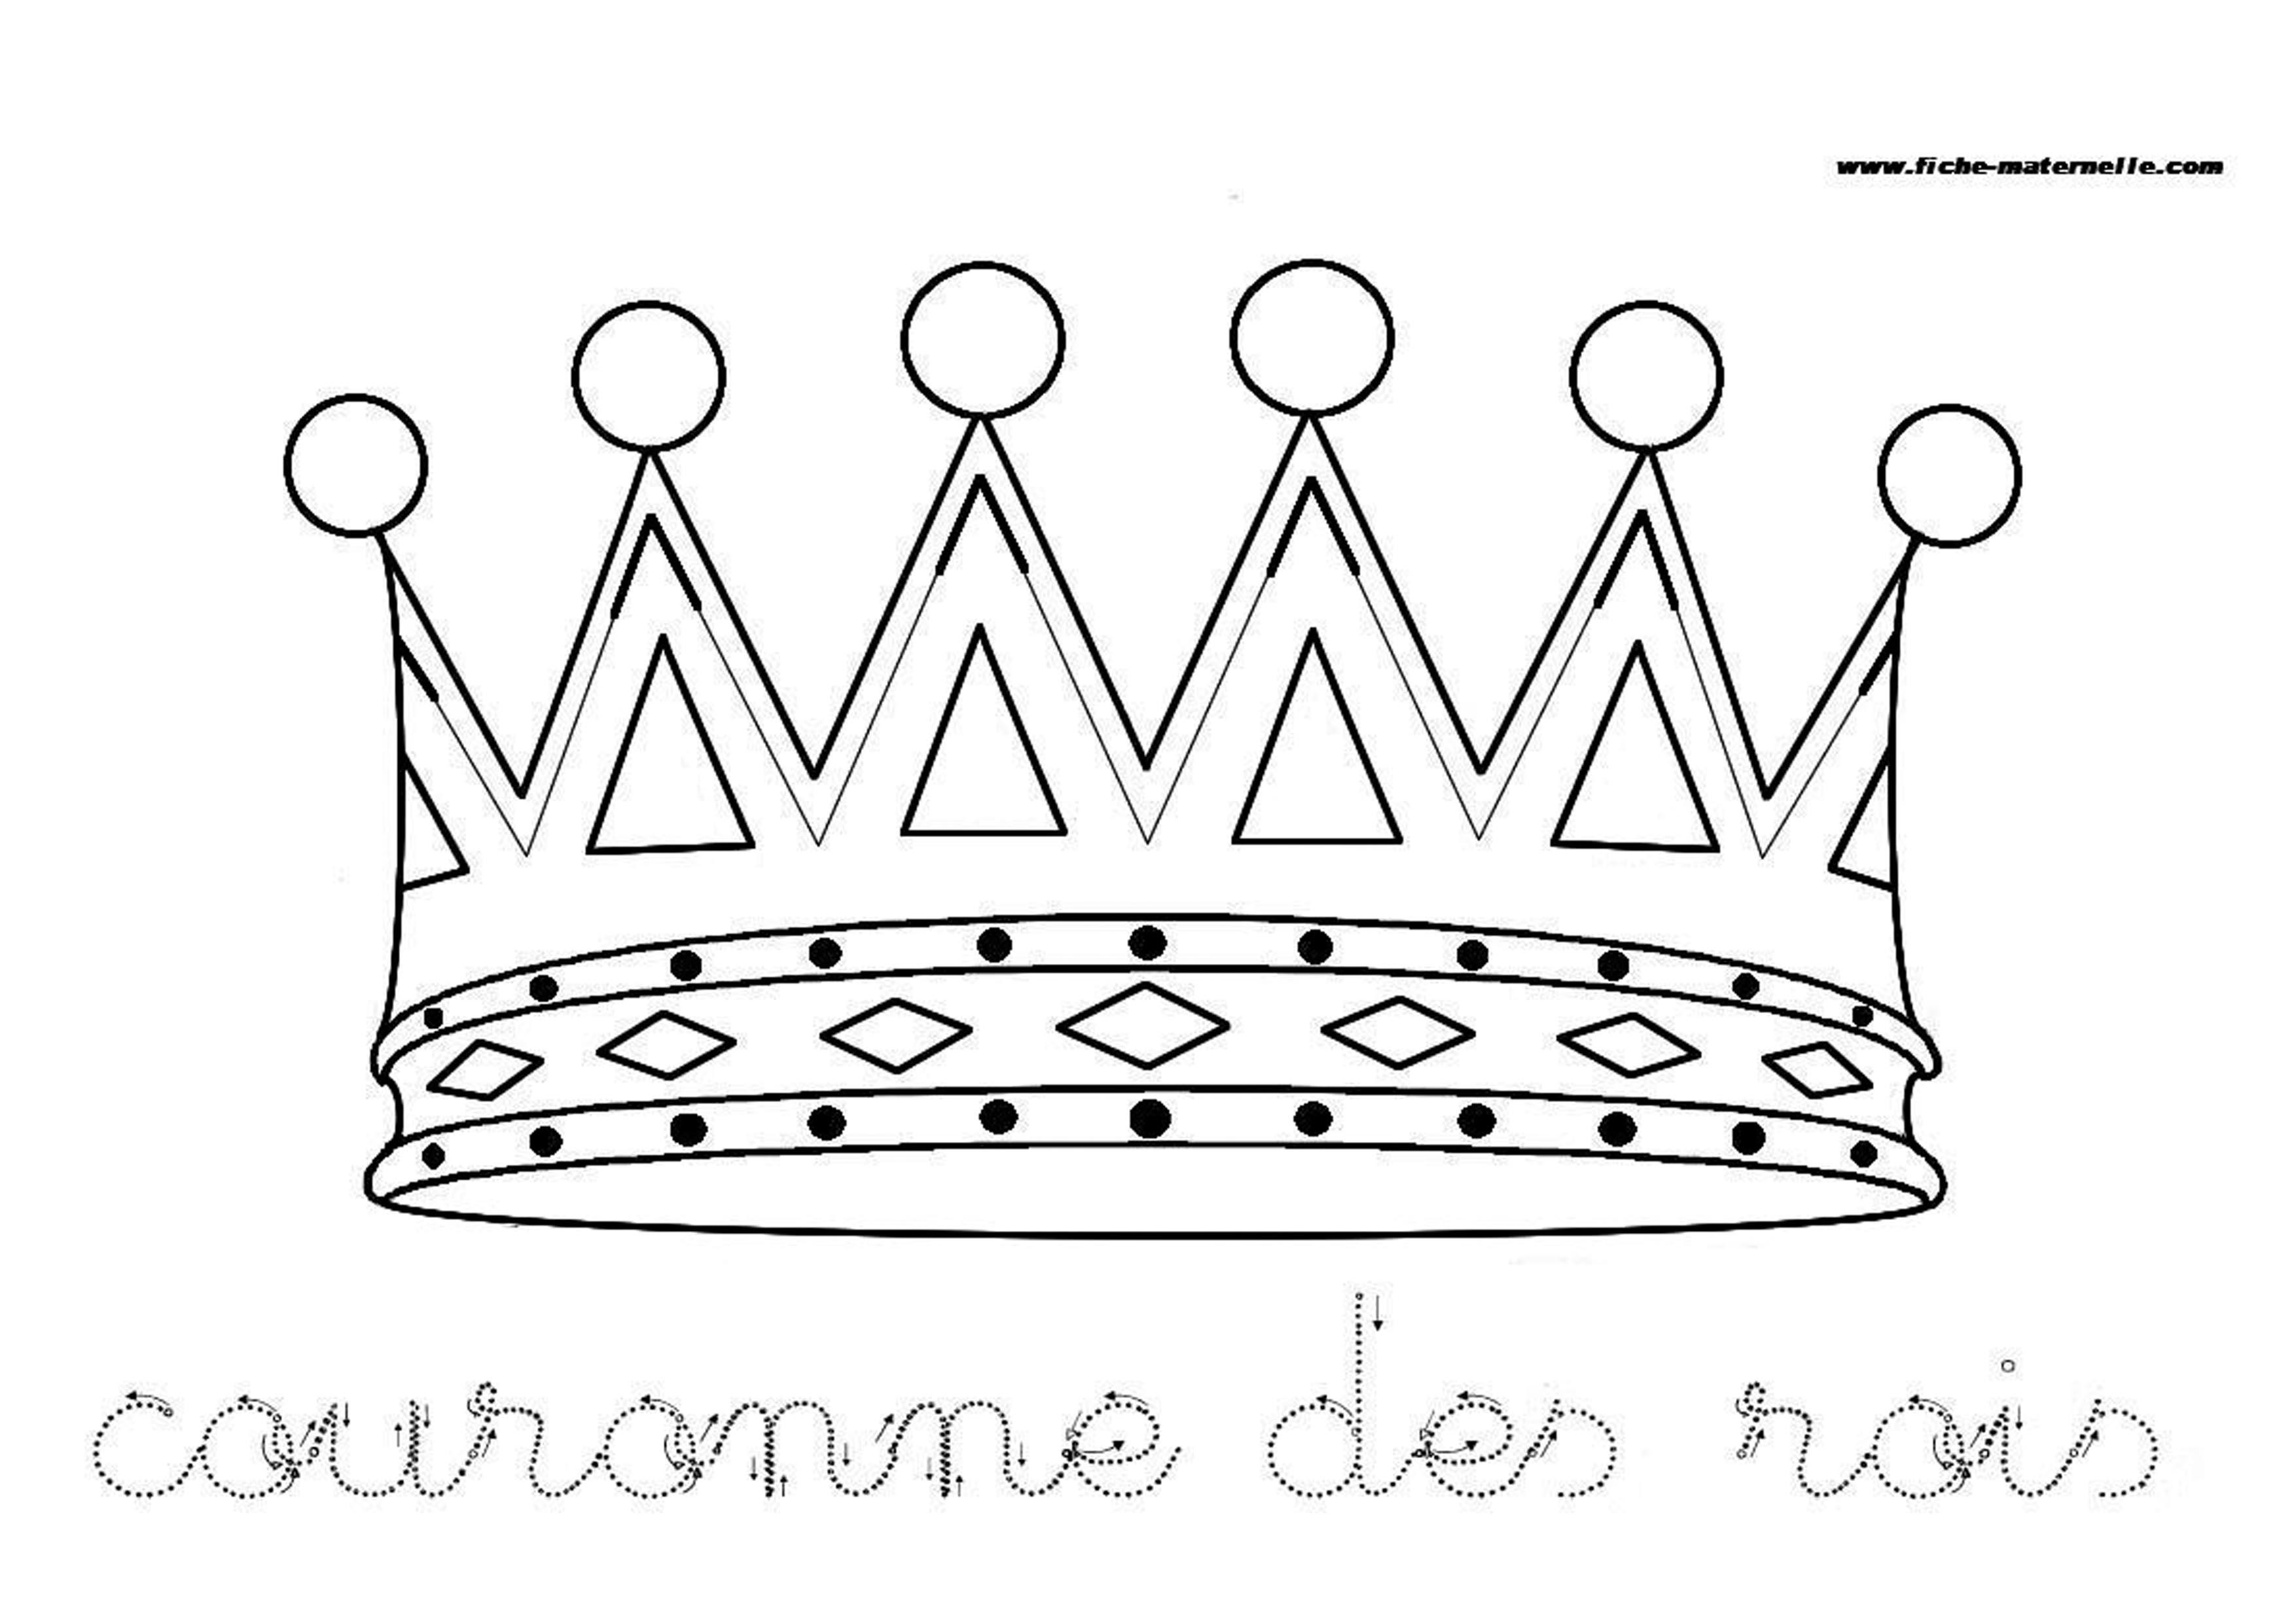 Site maternelle couronne des rois - Coloriage couronne ...